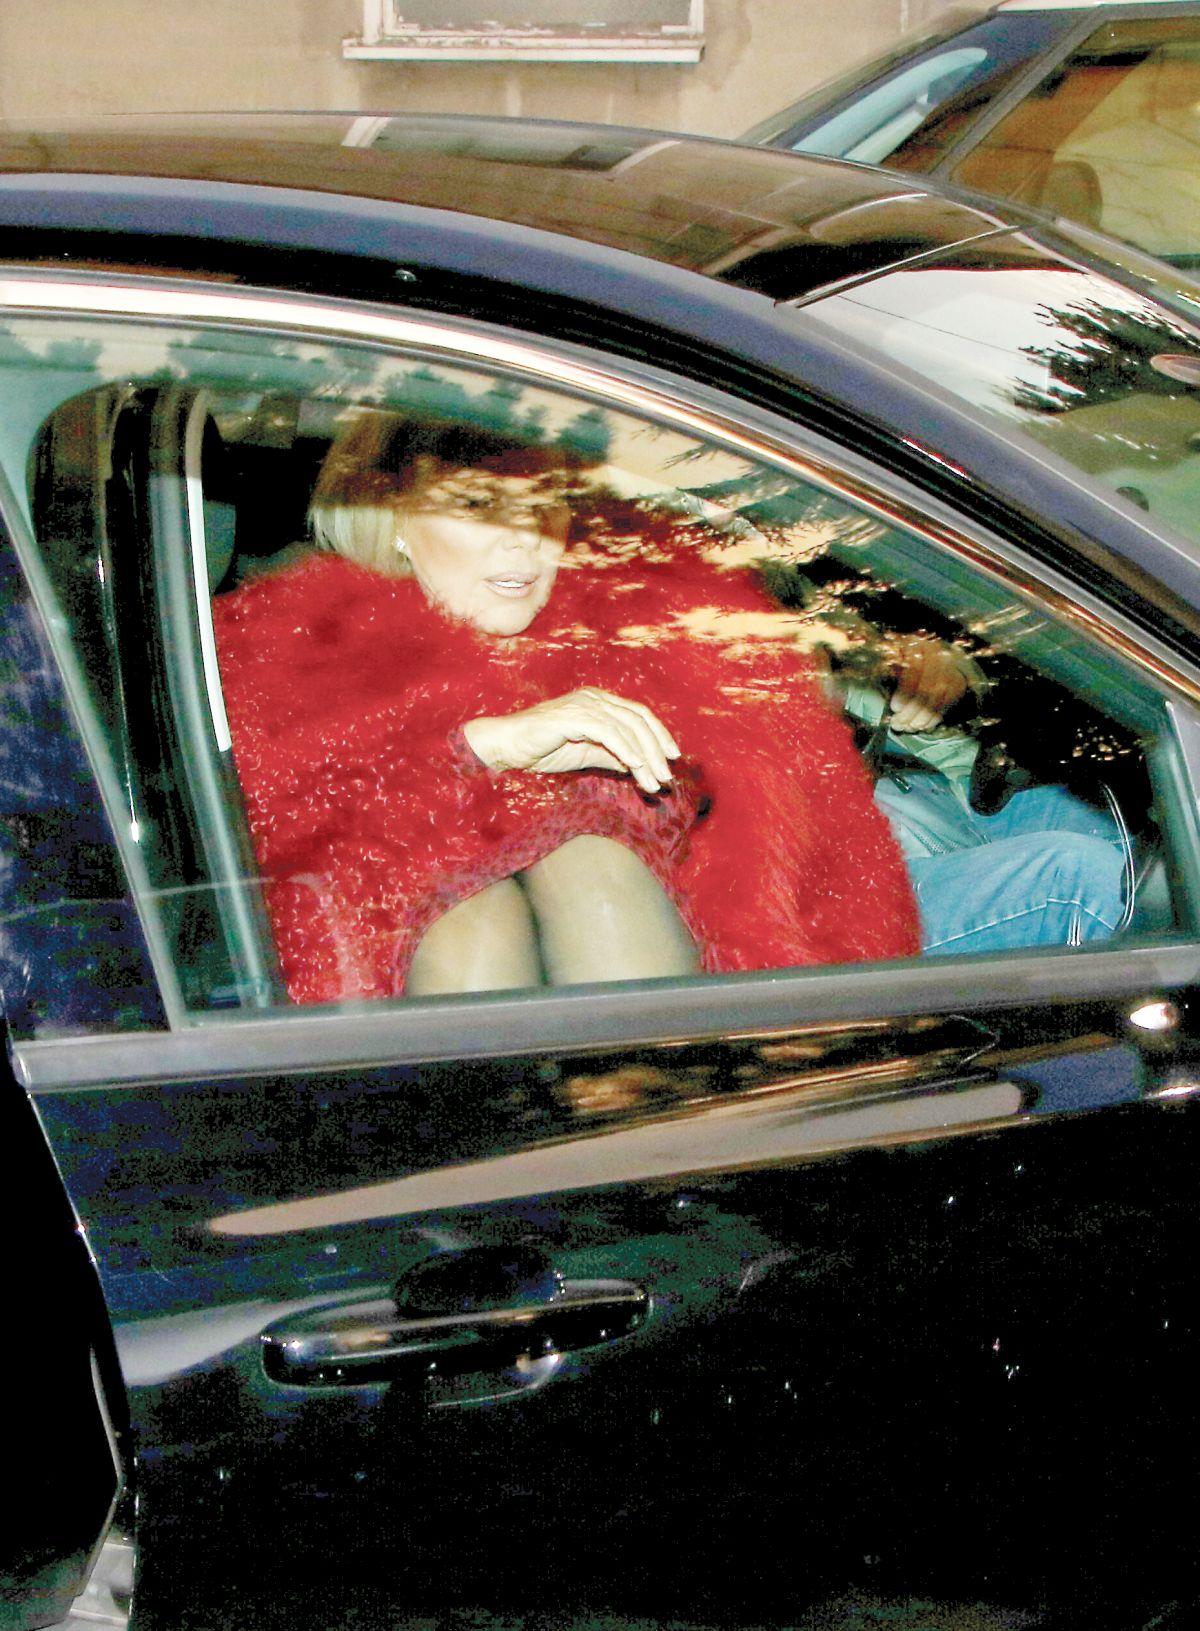 Brena u Crvenoj bundi ulazi u auto